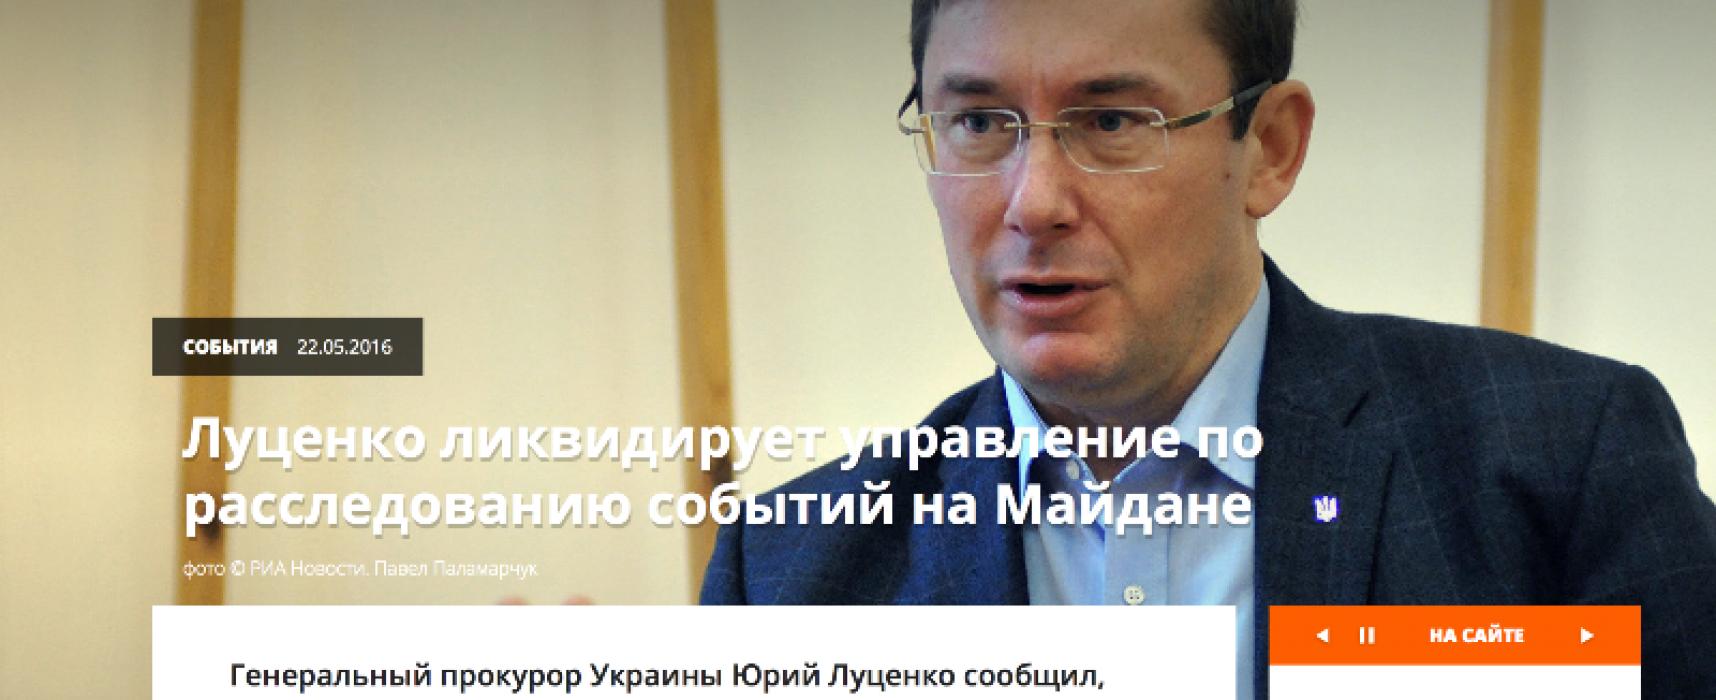 Fake: Le Bureau du Procureur général d'Ukraine supprime un département qui enquête sur des événements du Maidan